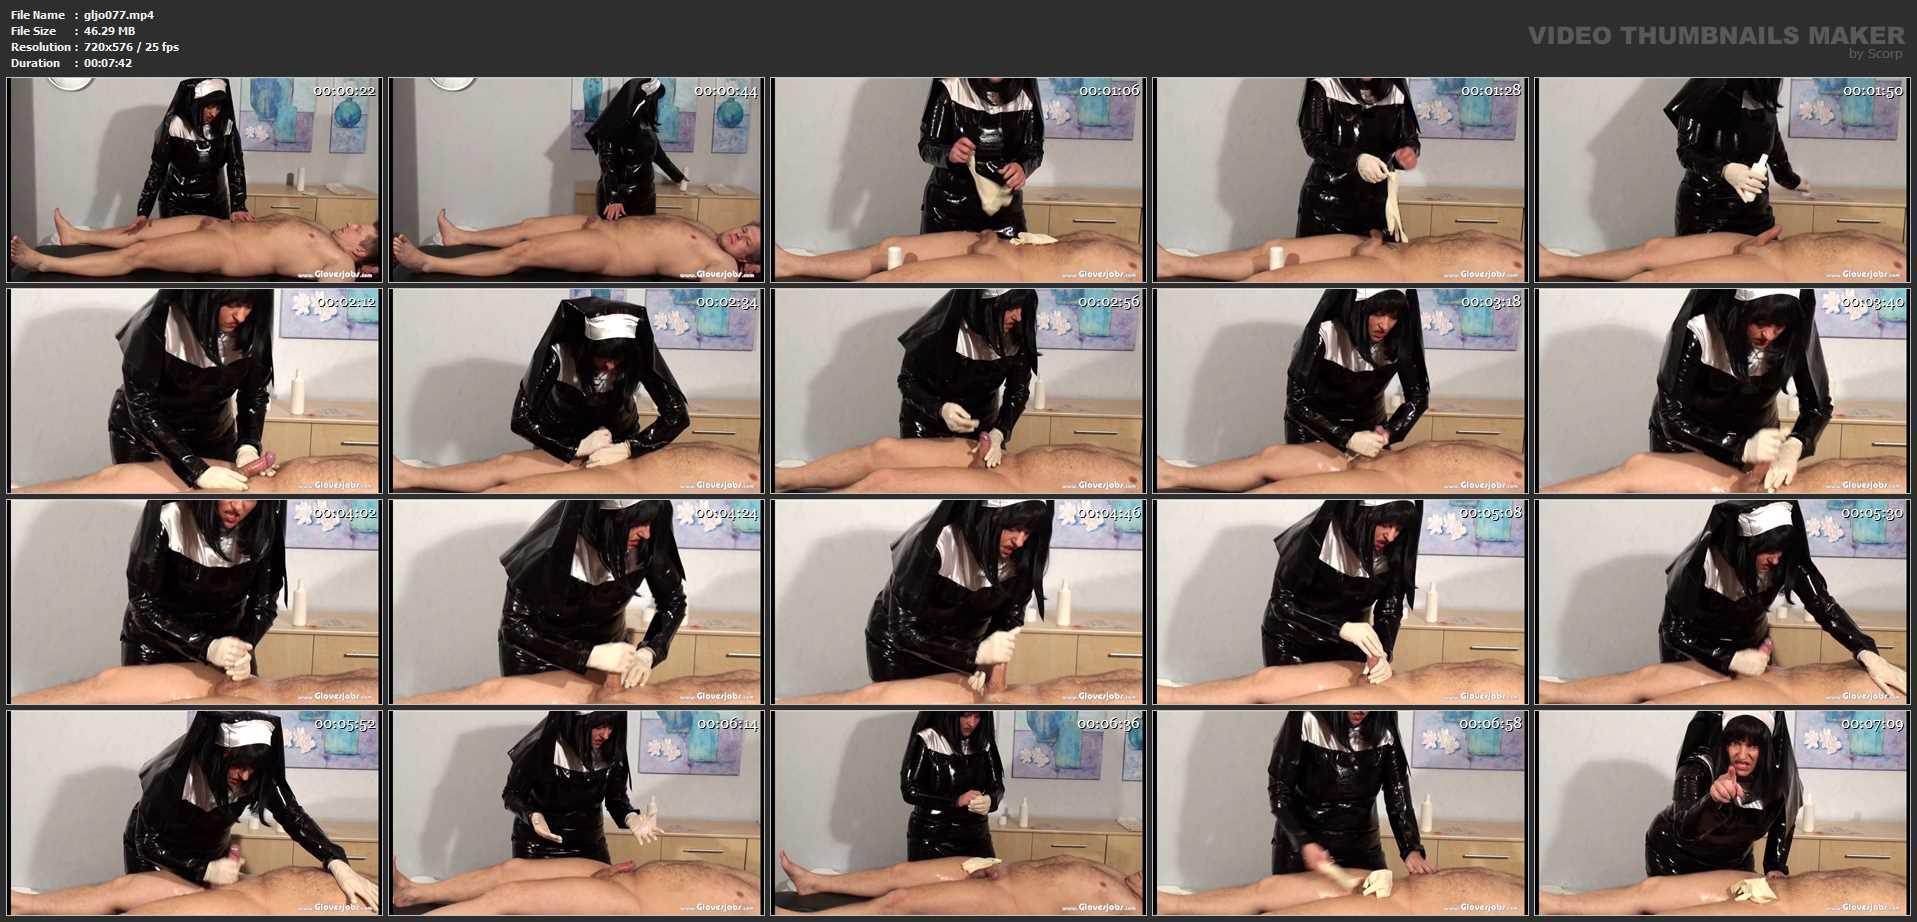 Fetish Nun milking Gloves Job - GLOVESJOBS - SD/576p/MP4